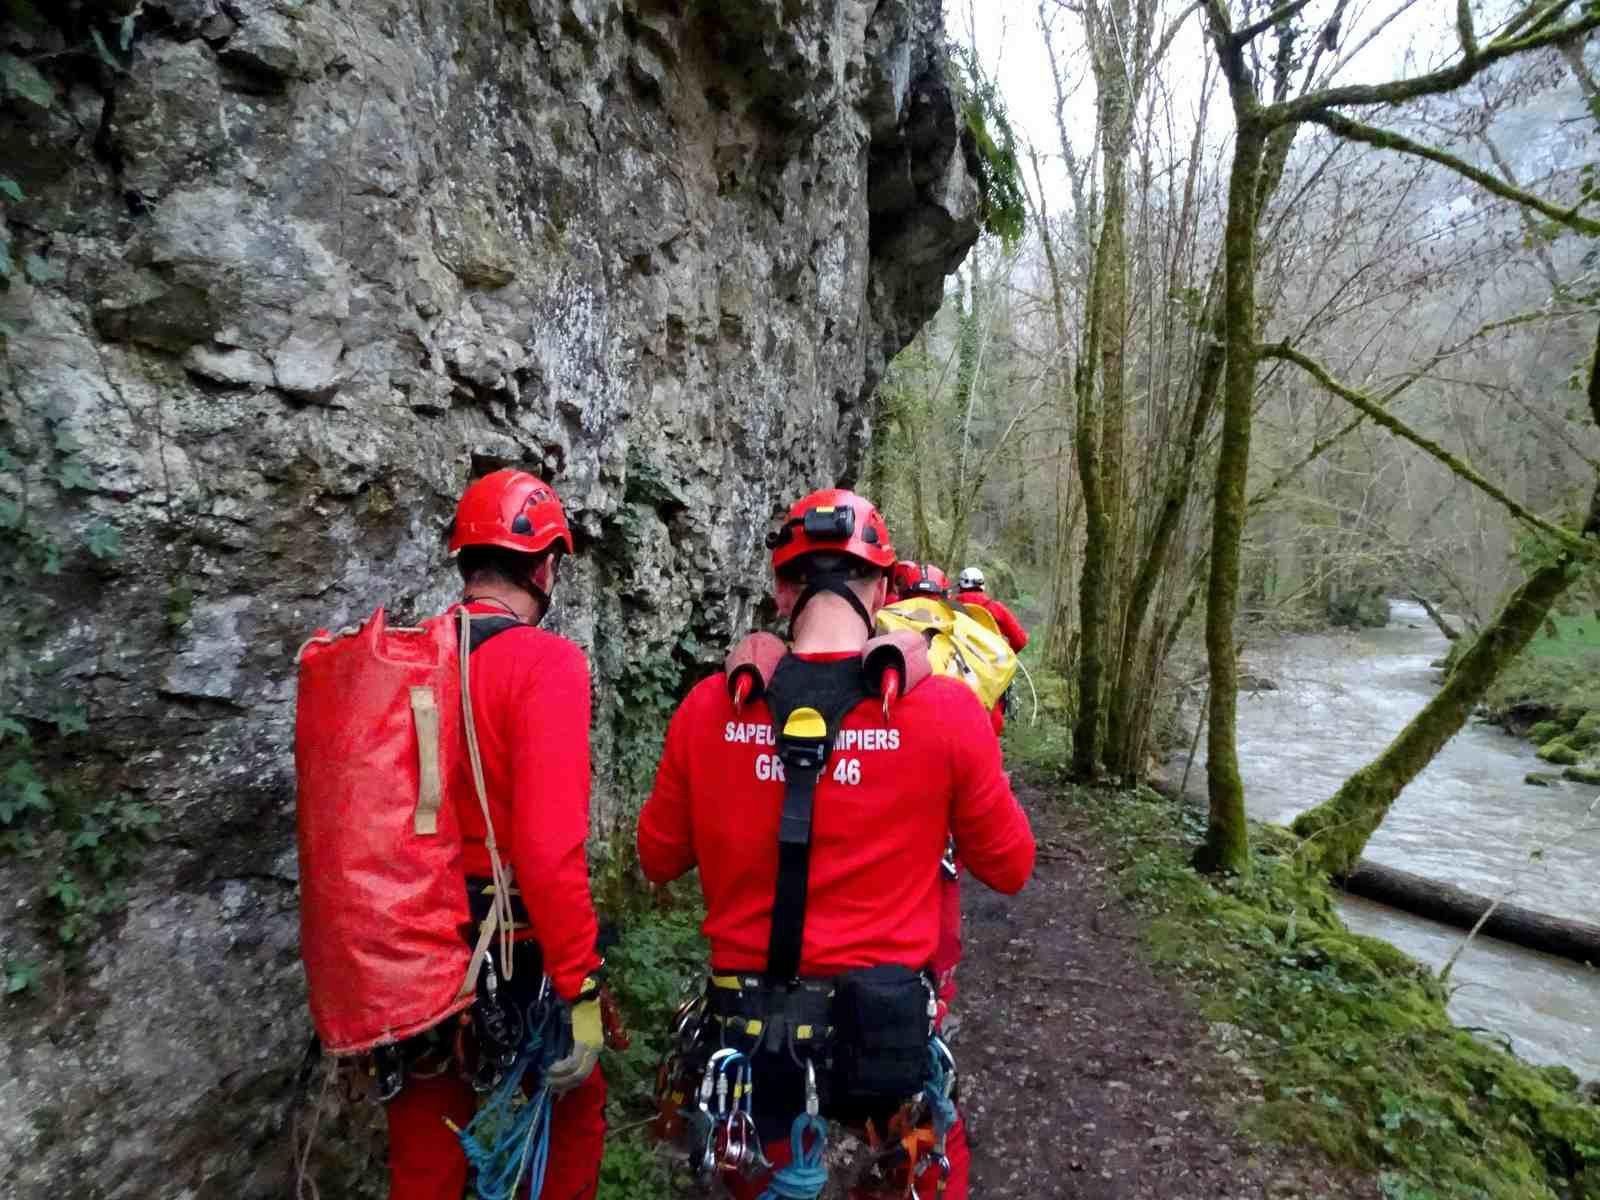 Pompiers du Lot - Sauvetage d'une randonneuse à Rocamadour